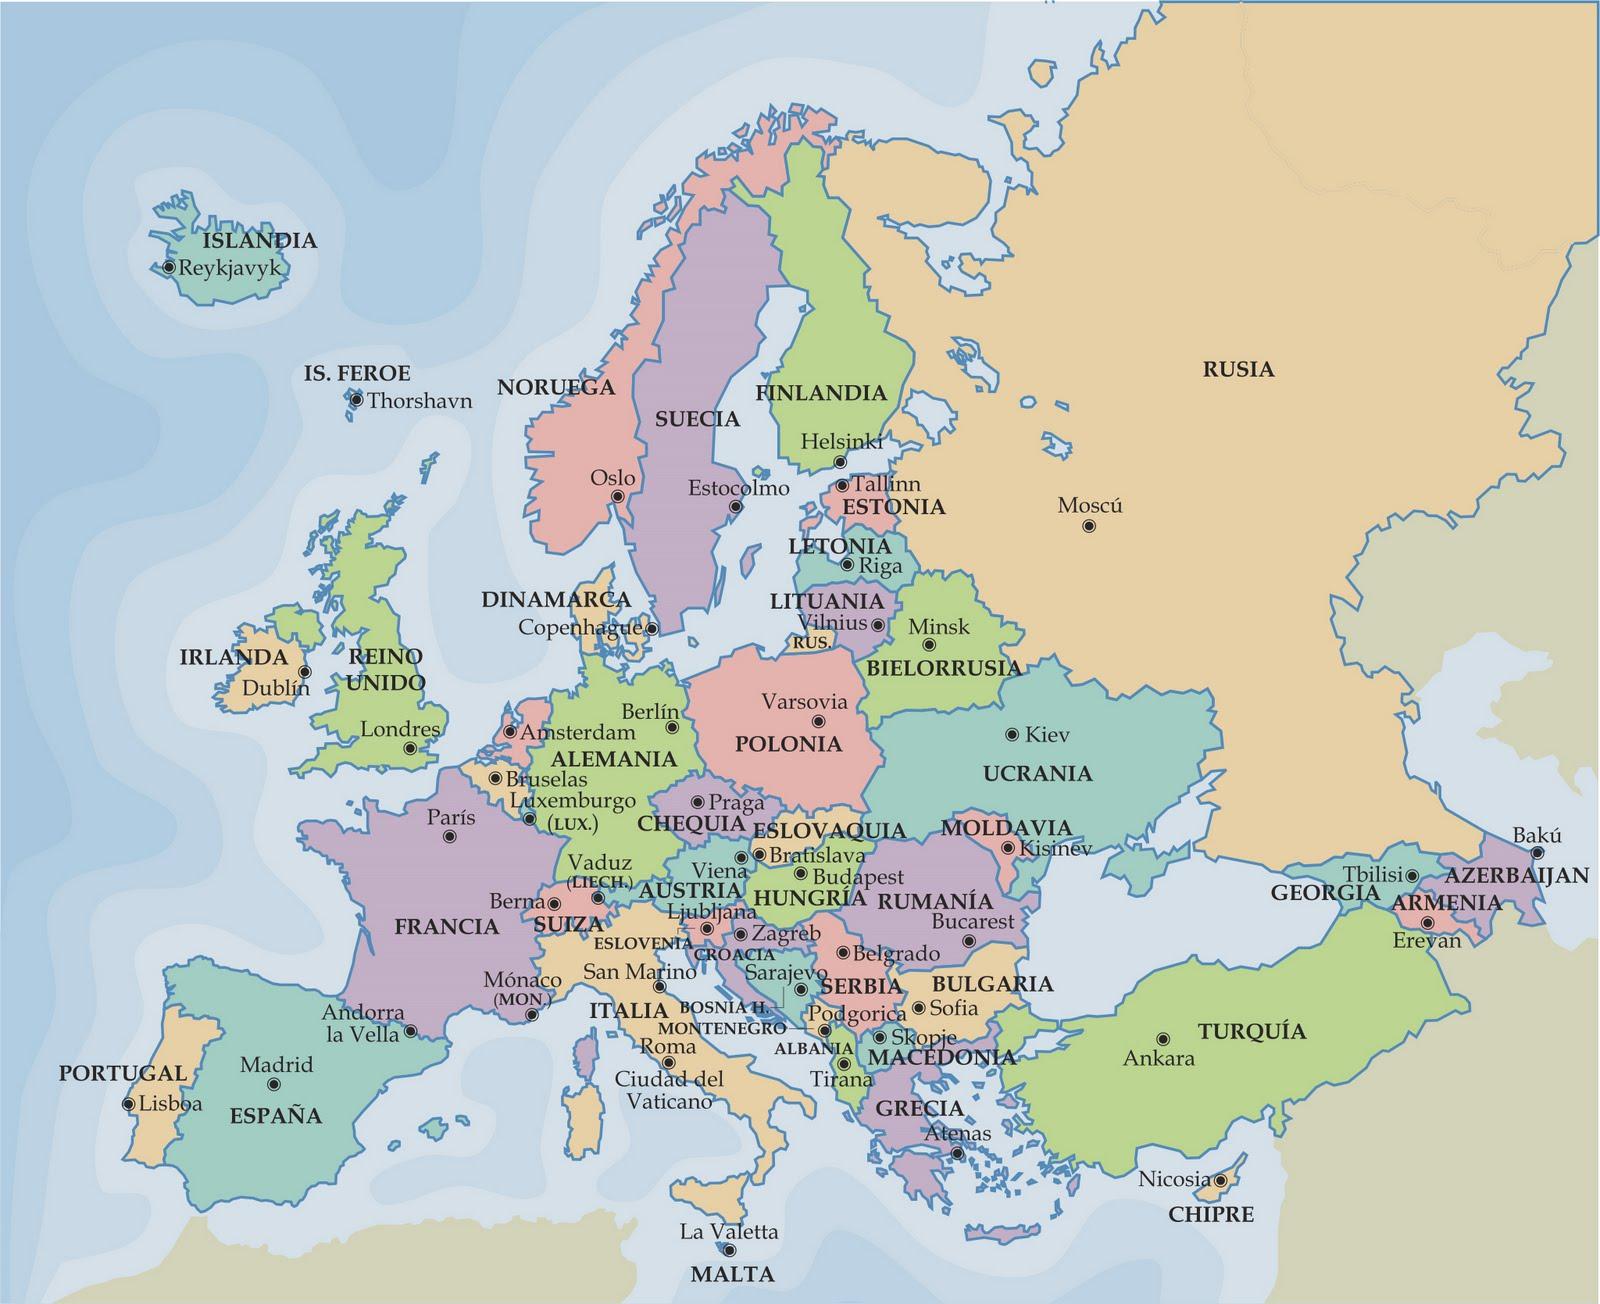 Mapa De Europa Juegos.Que De Geografia Juegos Para Estudiar El Mapa Politico De